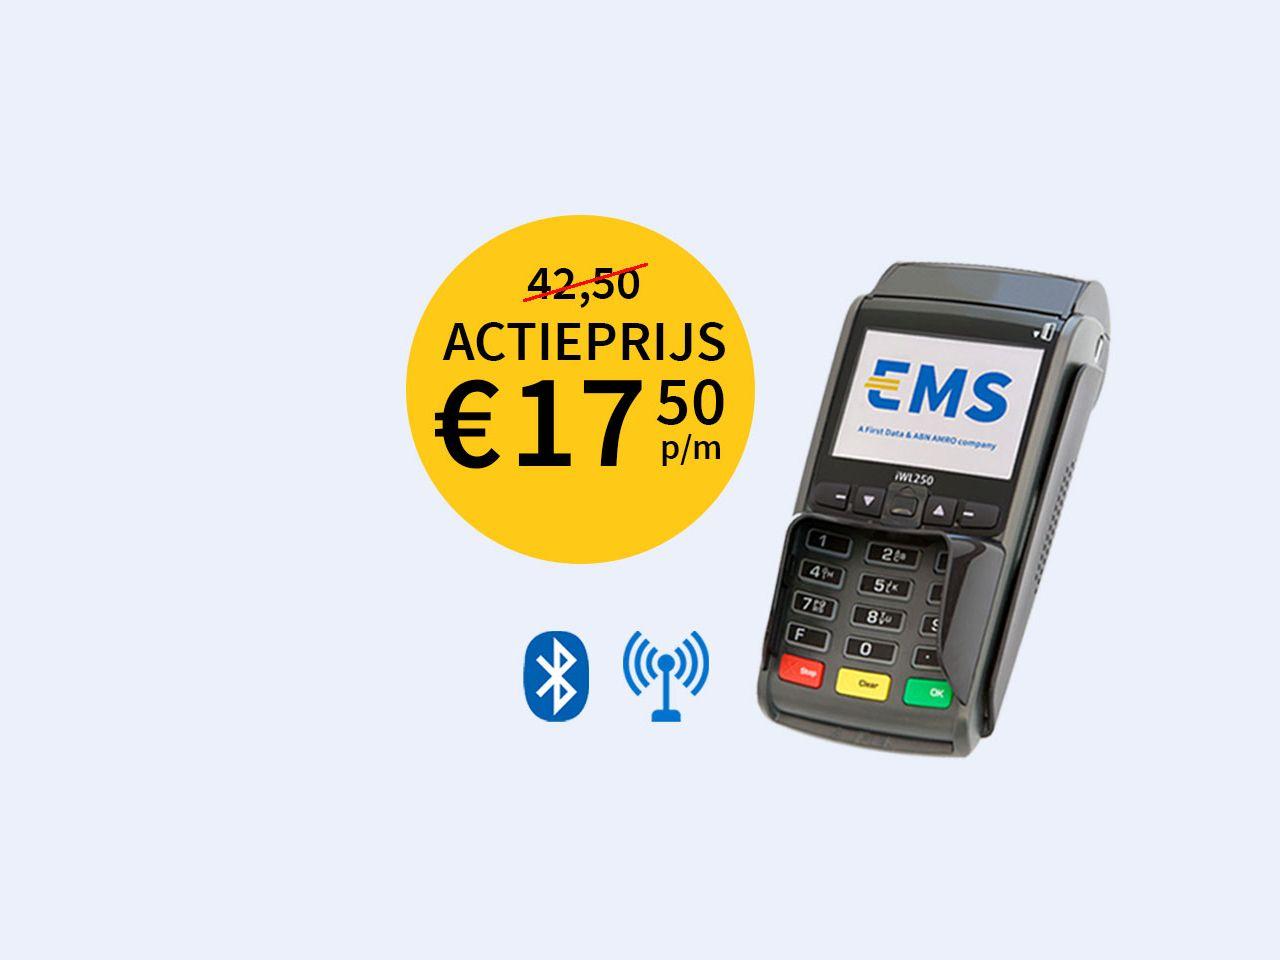 ACTIE iWL250 Bluetooth + GPRS betaalautomaat